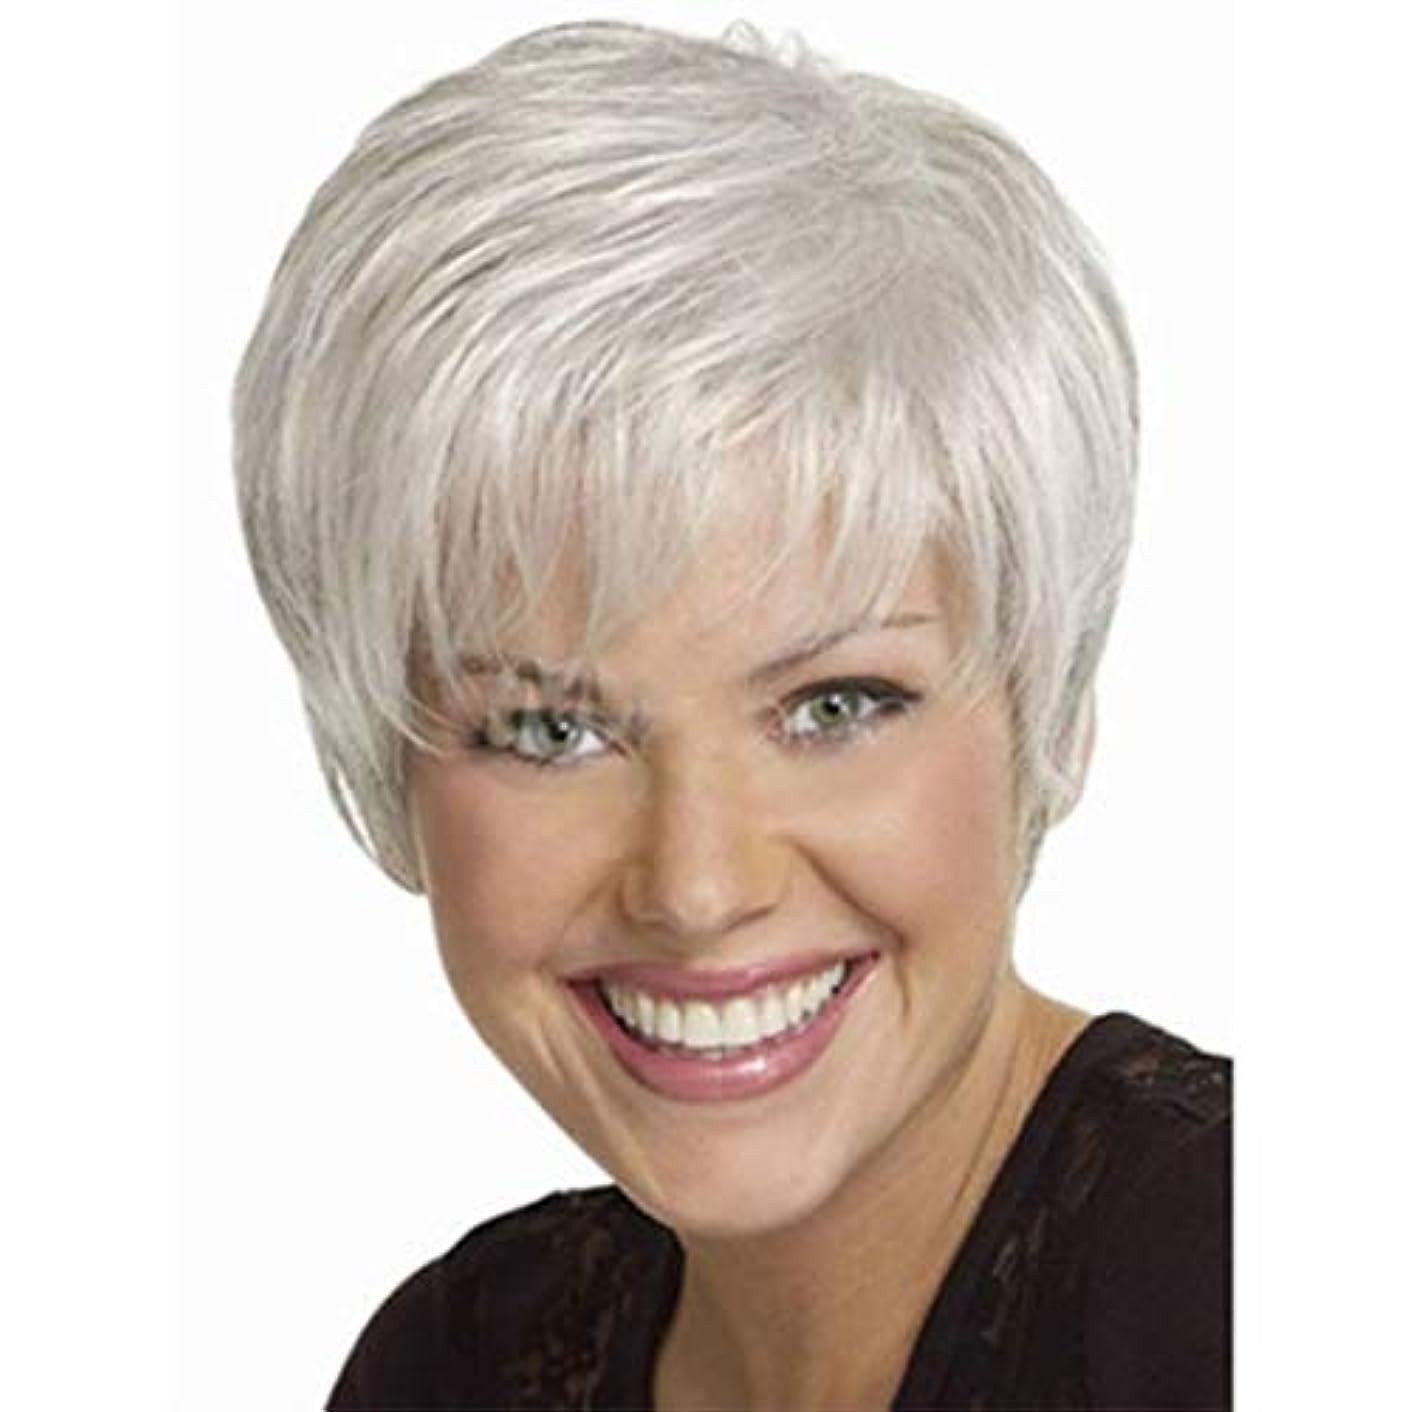 悪行便益なんでもKerwinner ショートヘアウィッグショートストレート人工毛フルウィッグ自然に見える高温ワイヤーウィッグ女性用